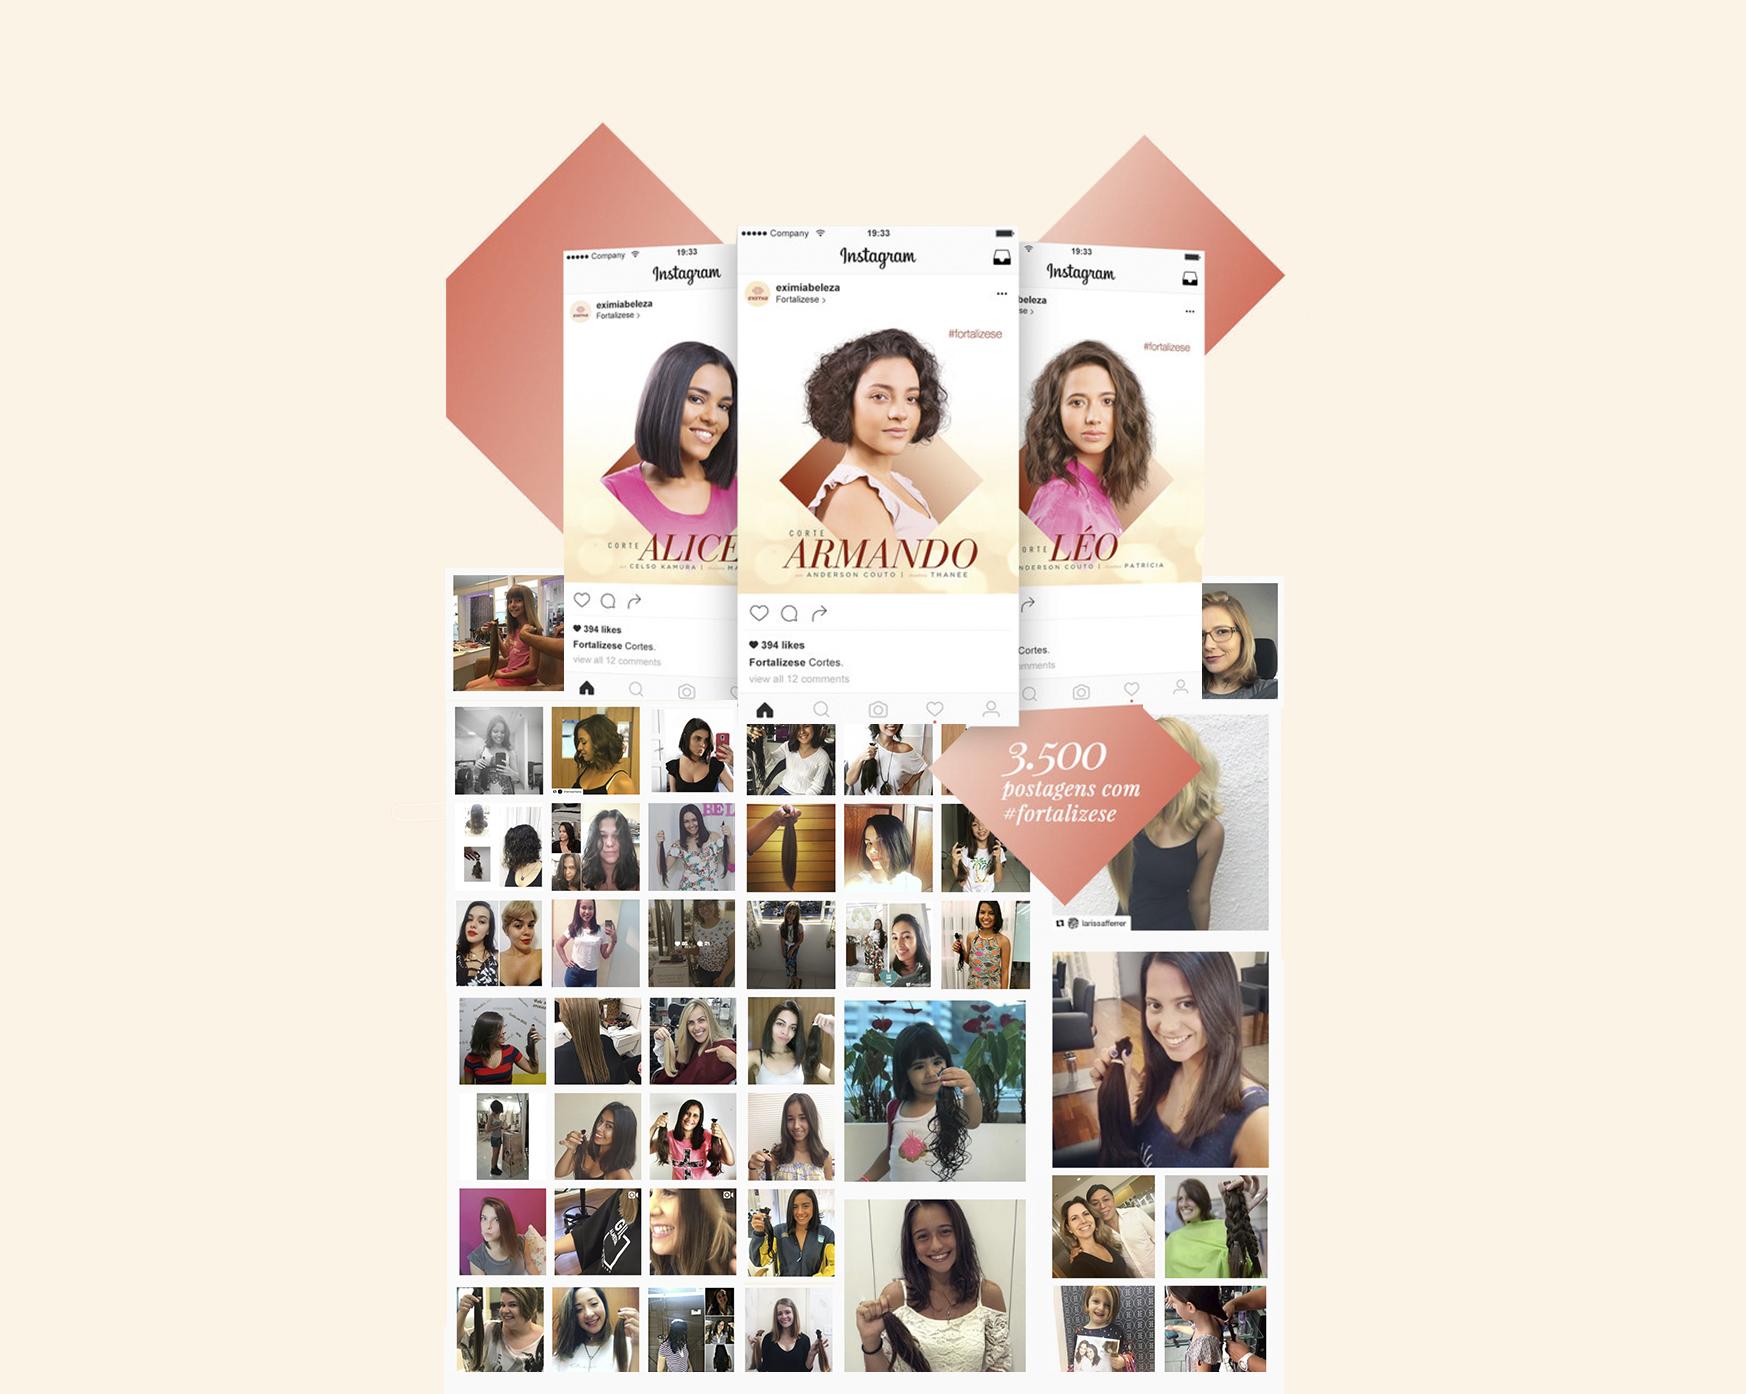 CatálogoCortesSolidários_Instagram.jpg